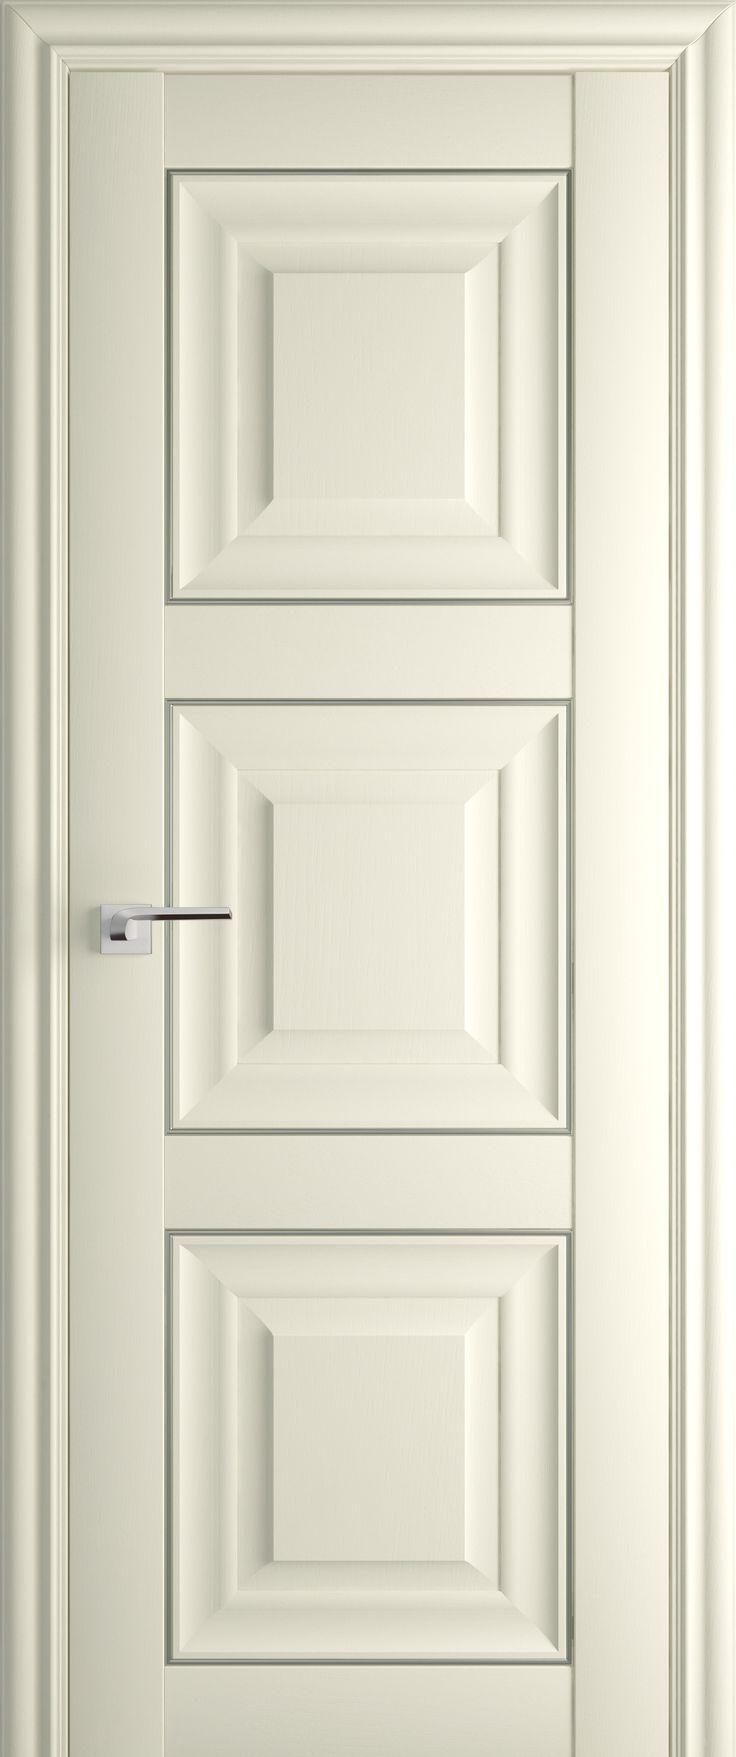 Межкомнатные двери Профиль Дорс Серии X Классика